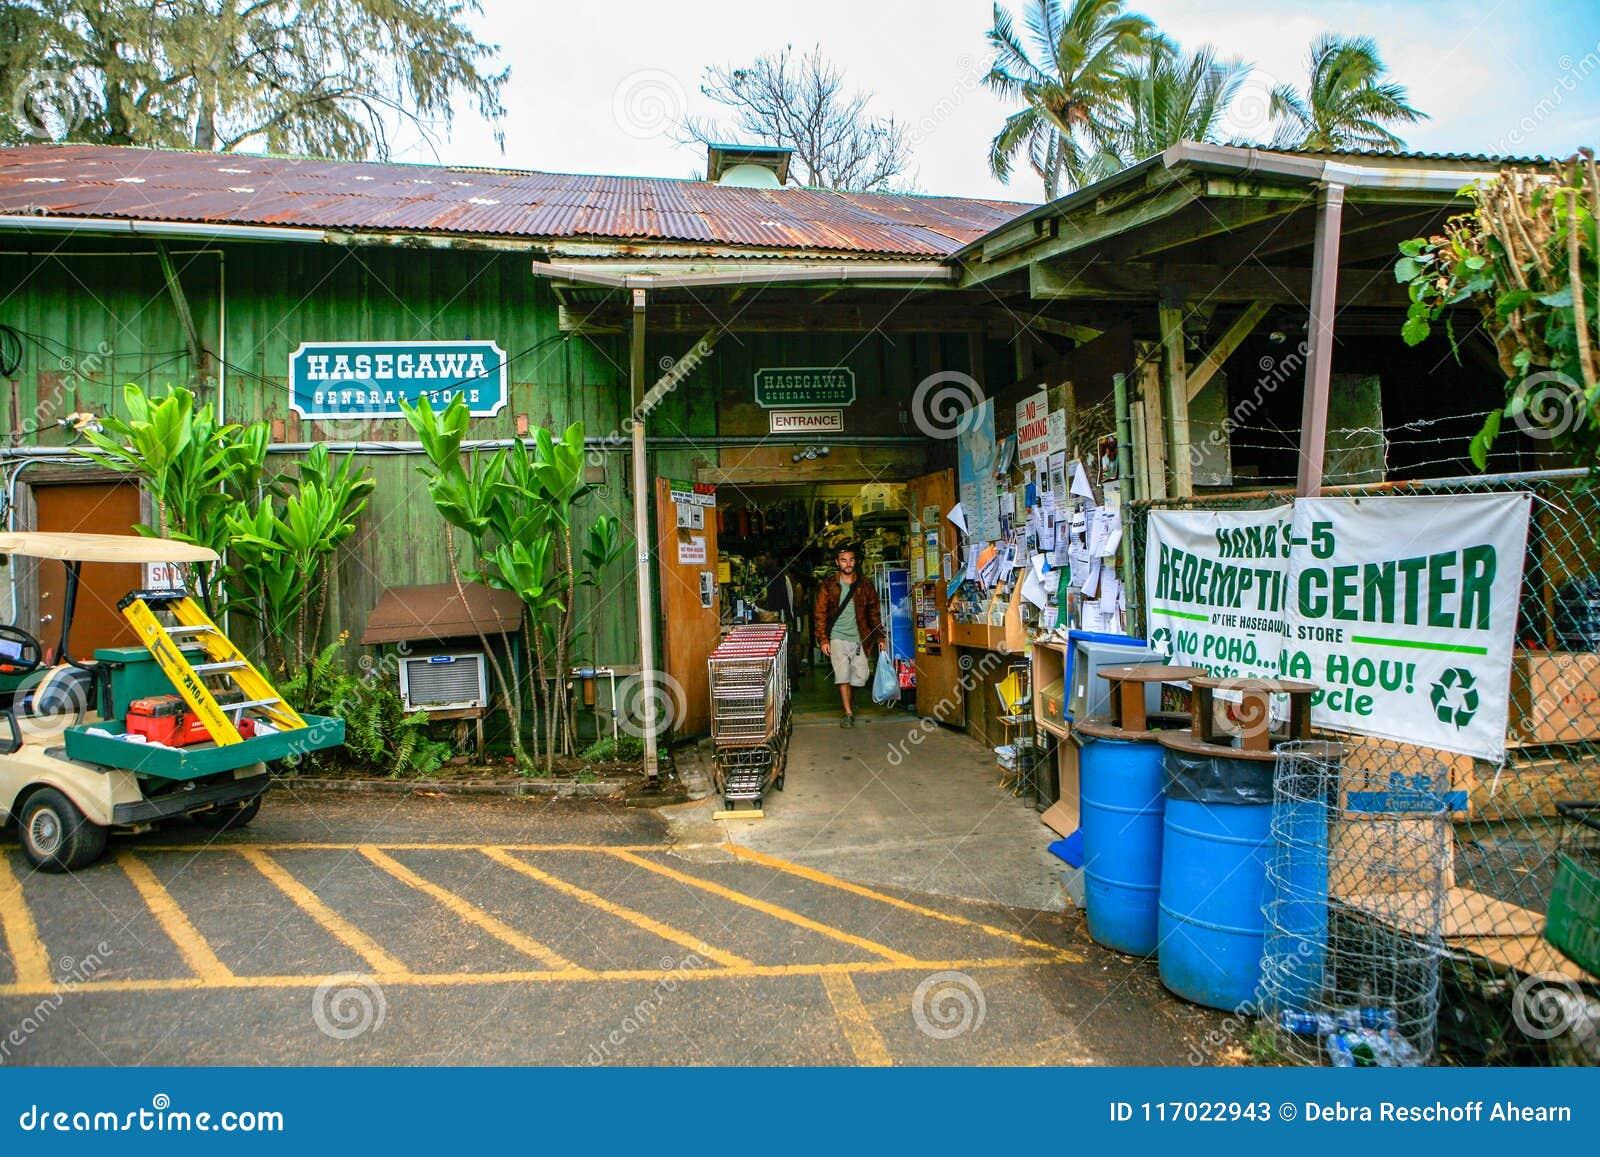 长谷川百货商店,向哈纳,毛伊,夏威夷的路